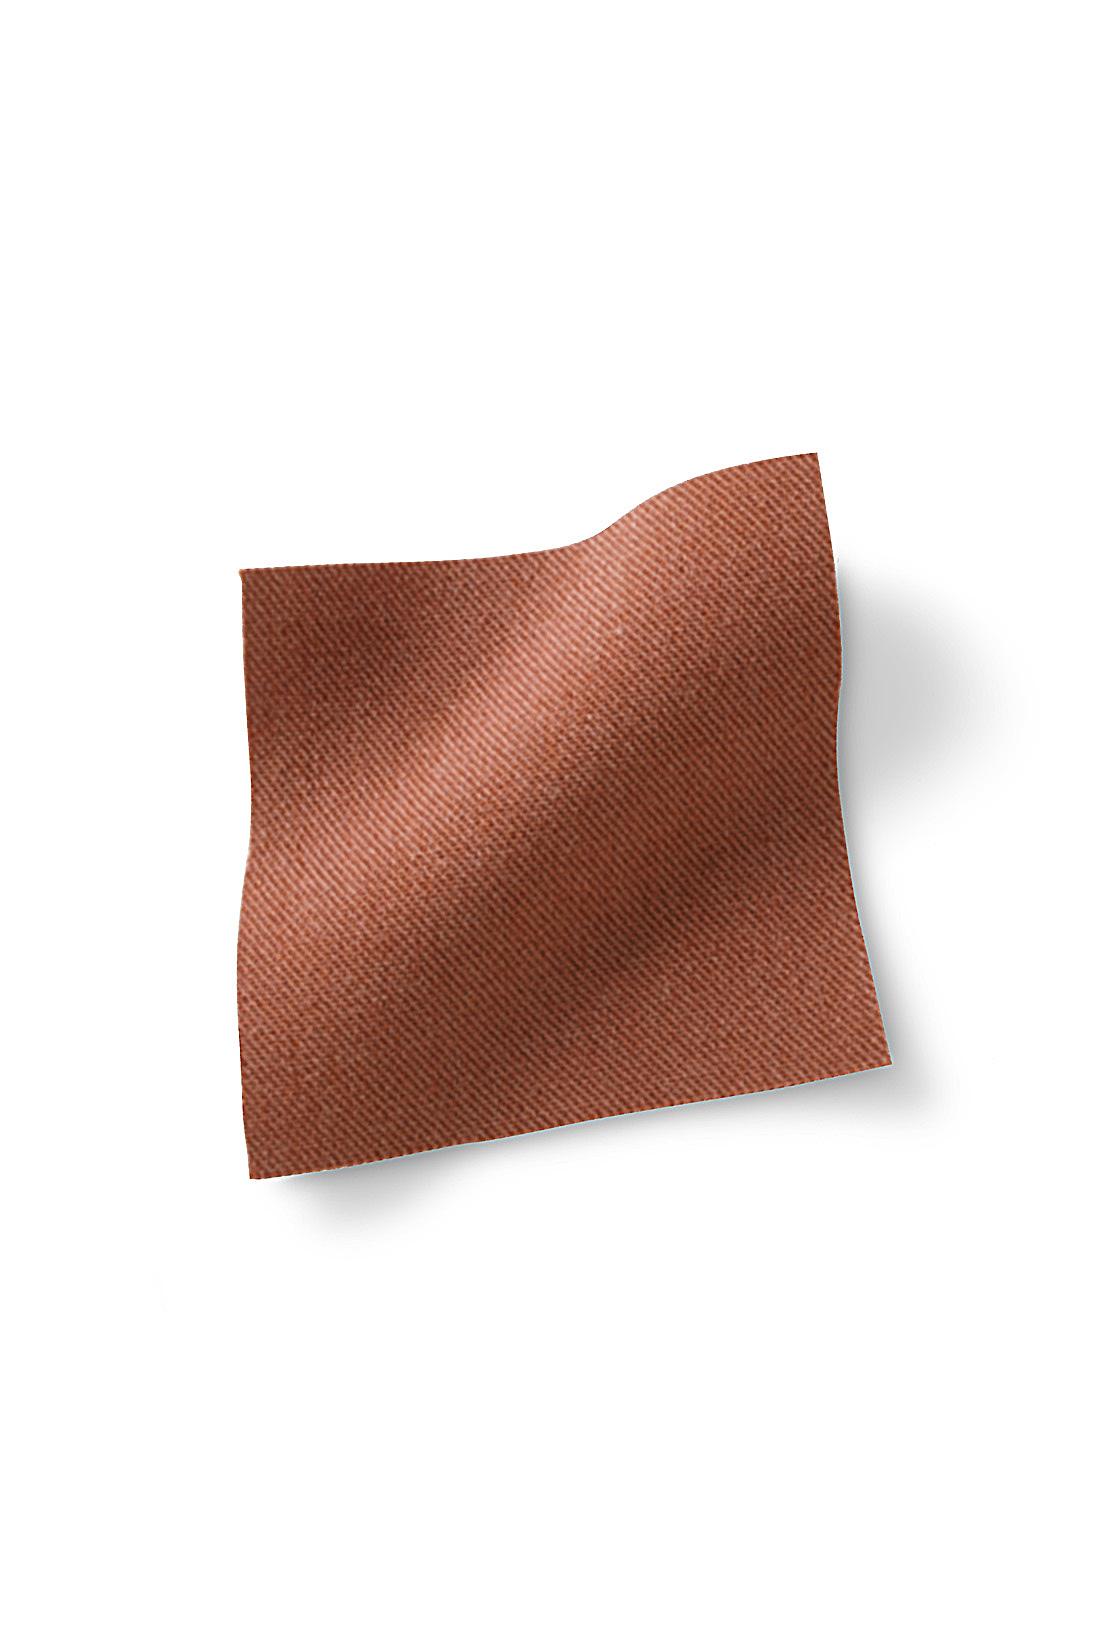 やや光沢感を持つ、艶とろ素材。※お届けするカラーとは異なります。